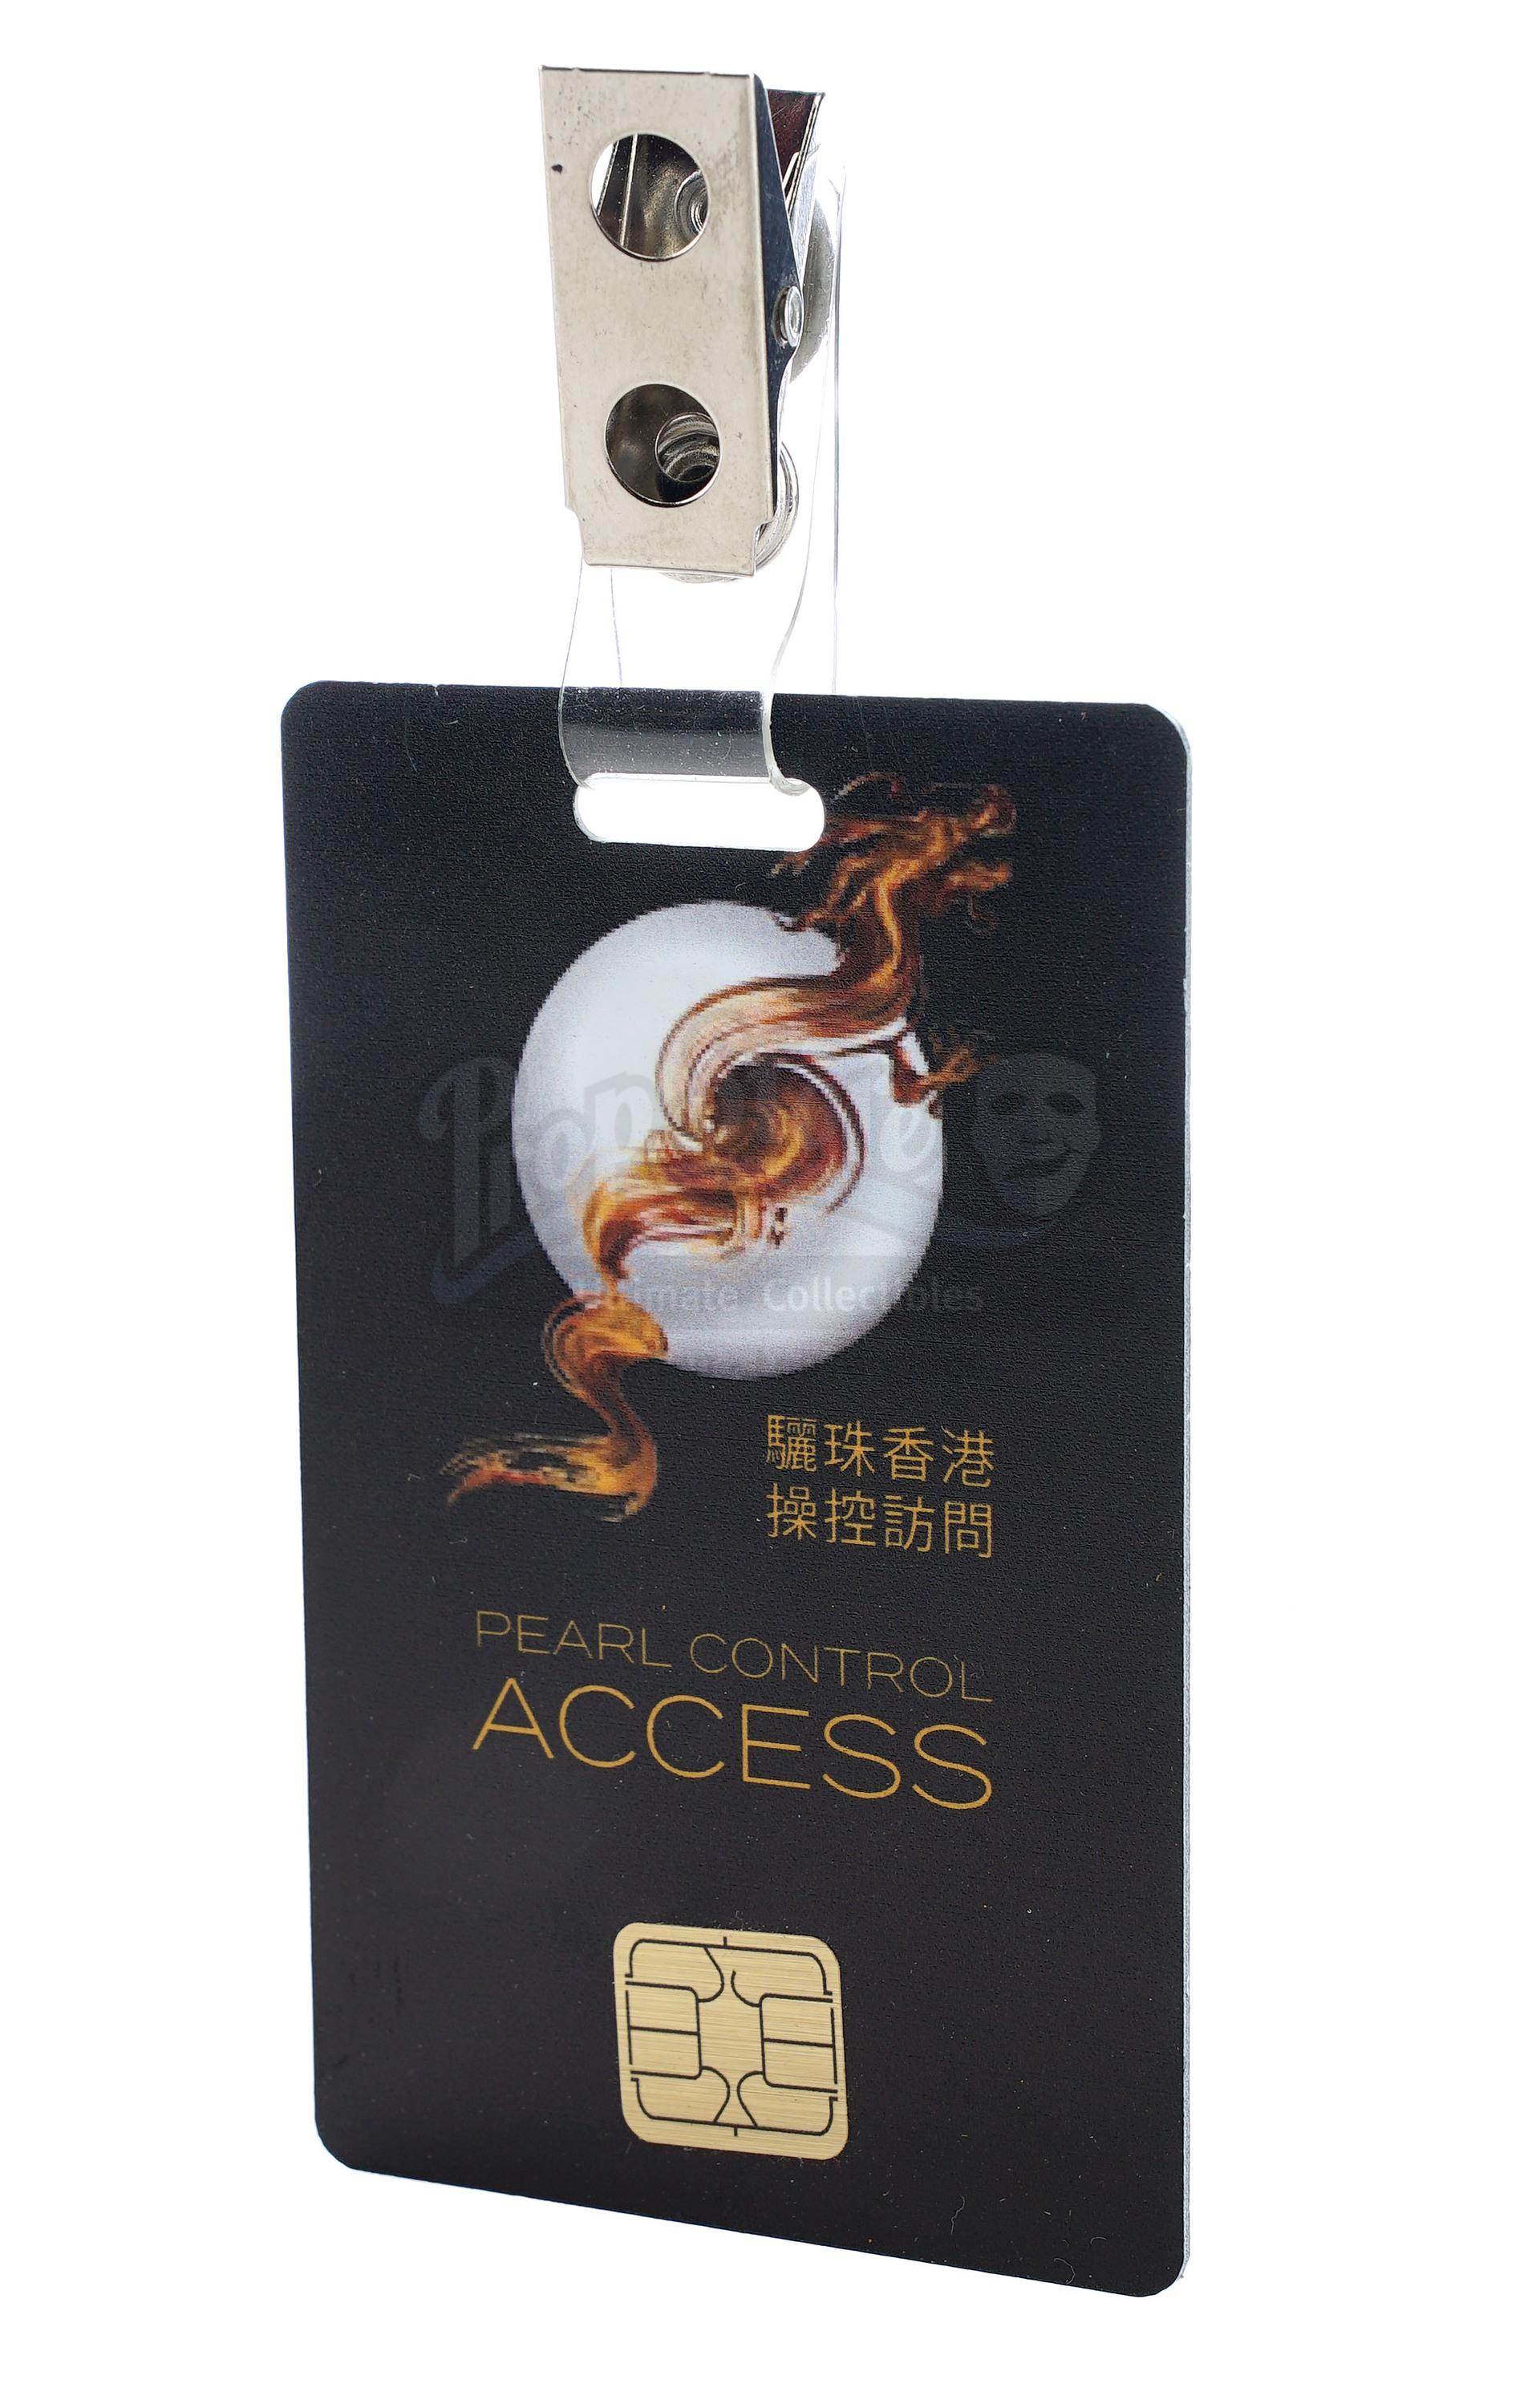 Lot # 1018: SKYSCRAPER - Zhao Long Ji's (Chin Han) Non-Functioning Flash Drive and Pearl Employee Ac - Image 8 of 9